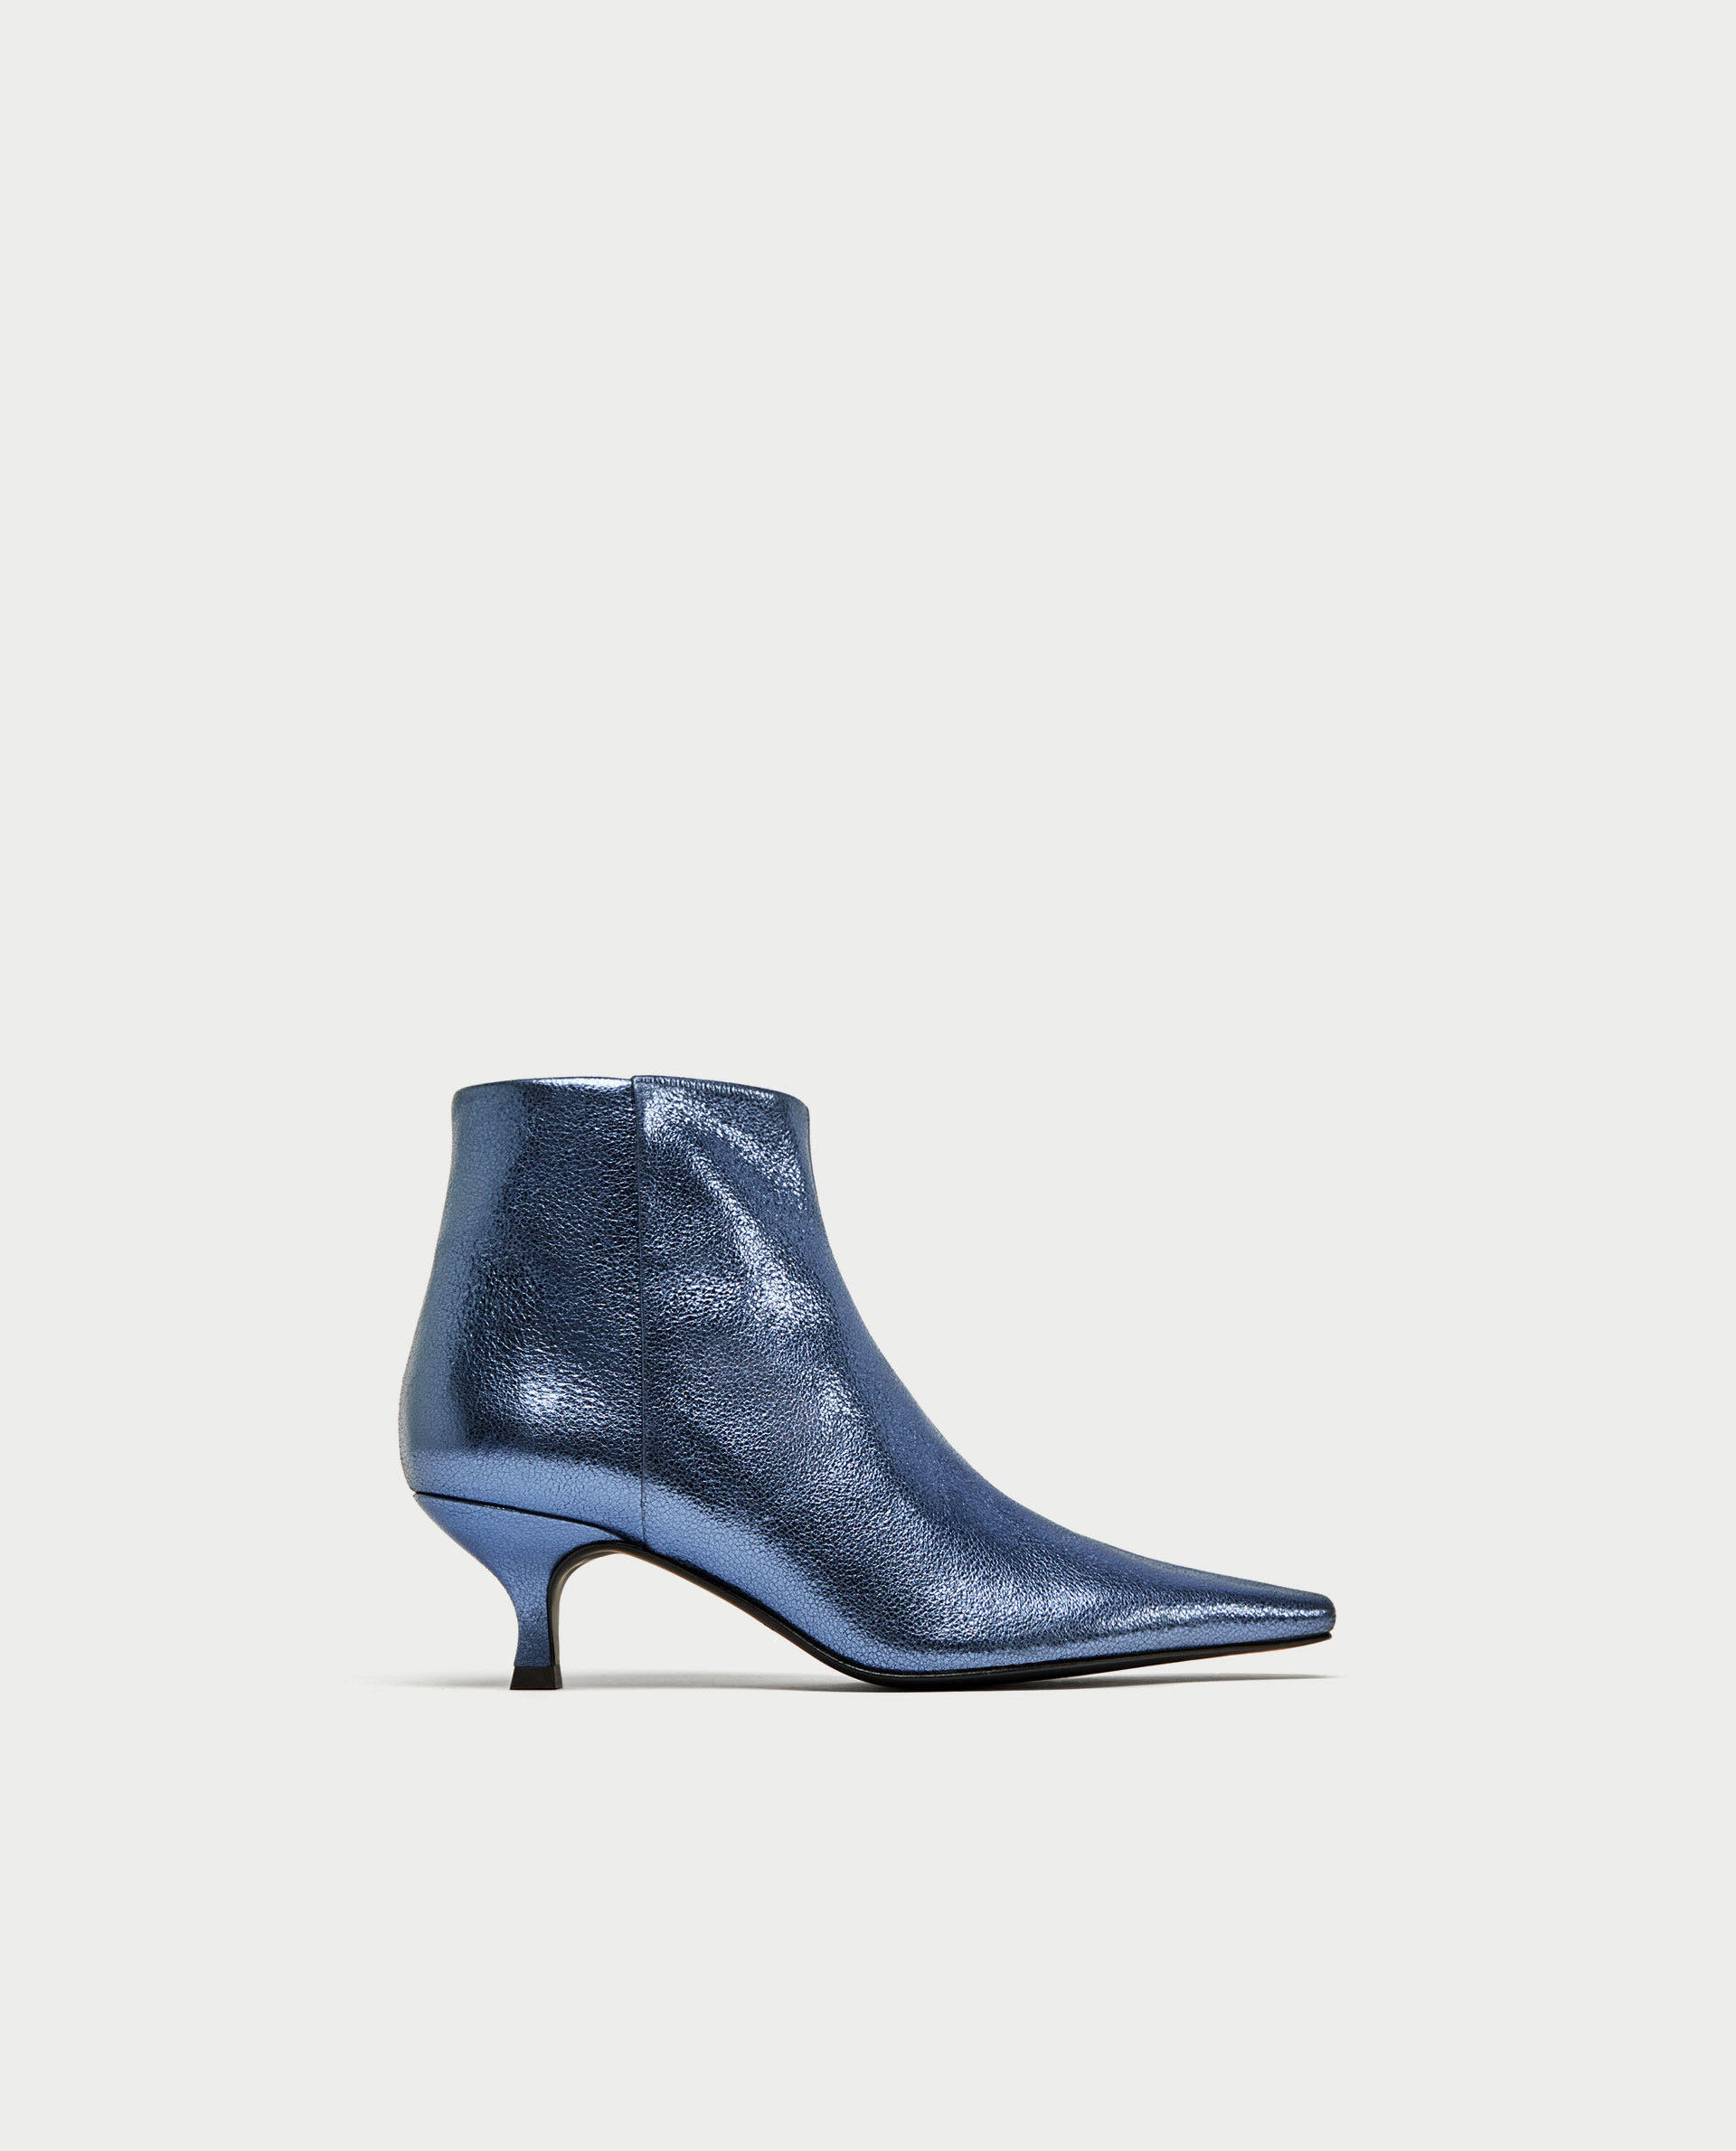 Los botines firmados por Zara